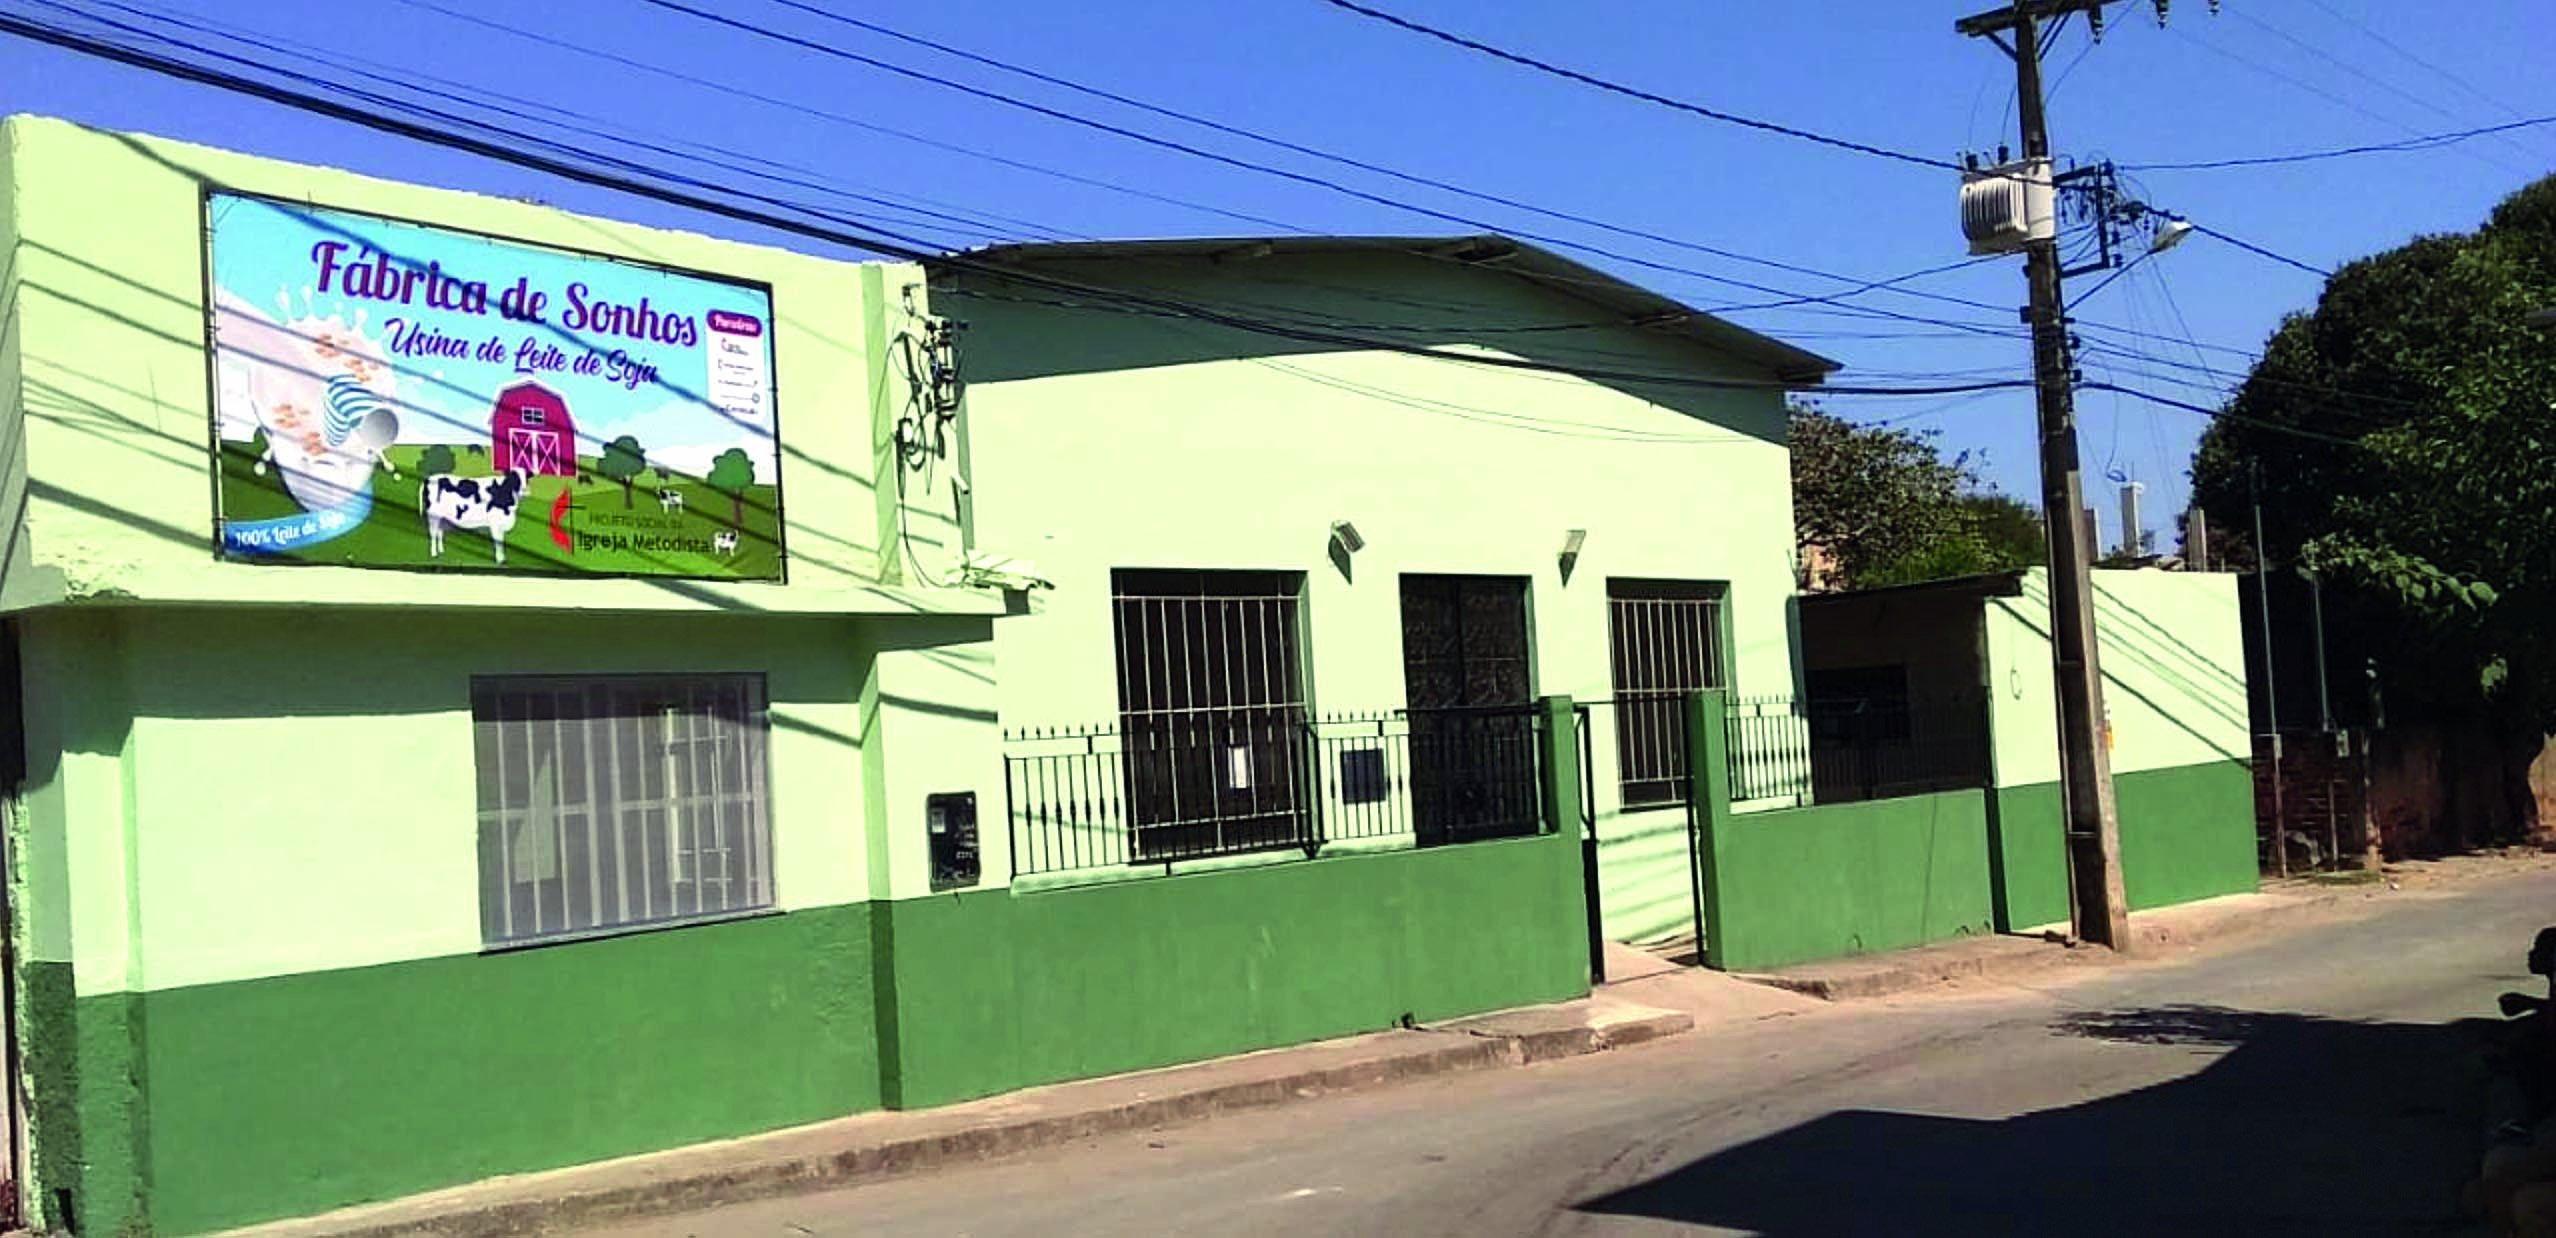 Projeto Vaca Mecânica foi inaugurado na cidade de Além Paraíba, em Minas